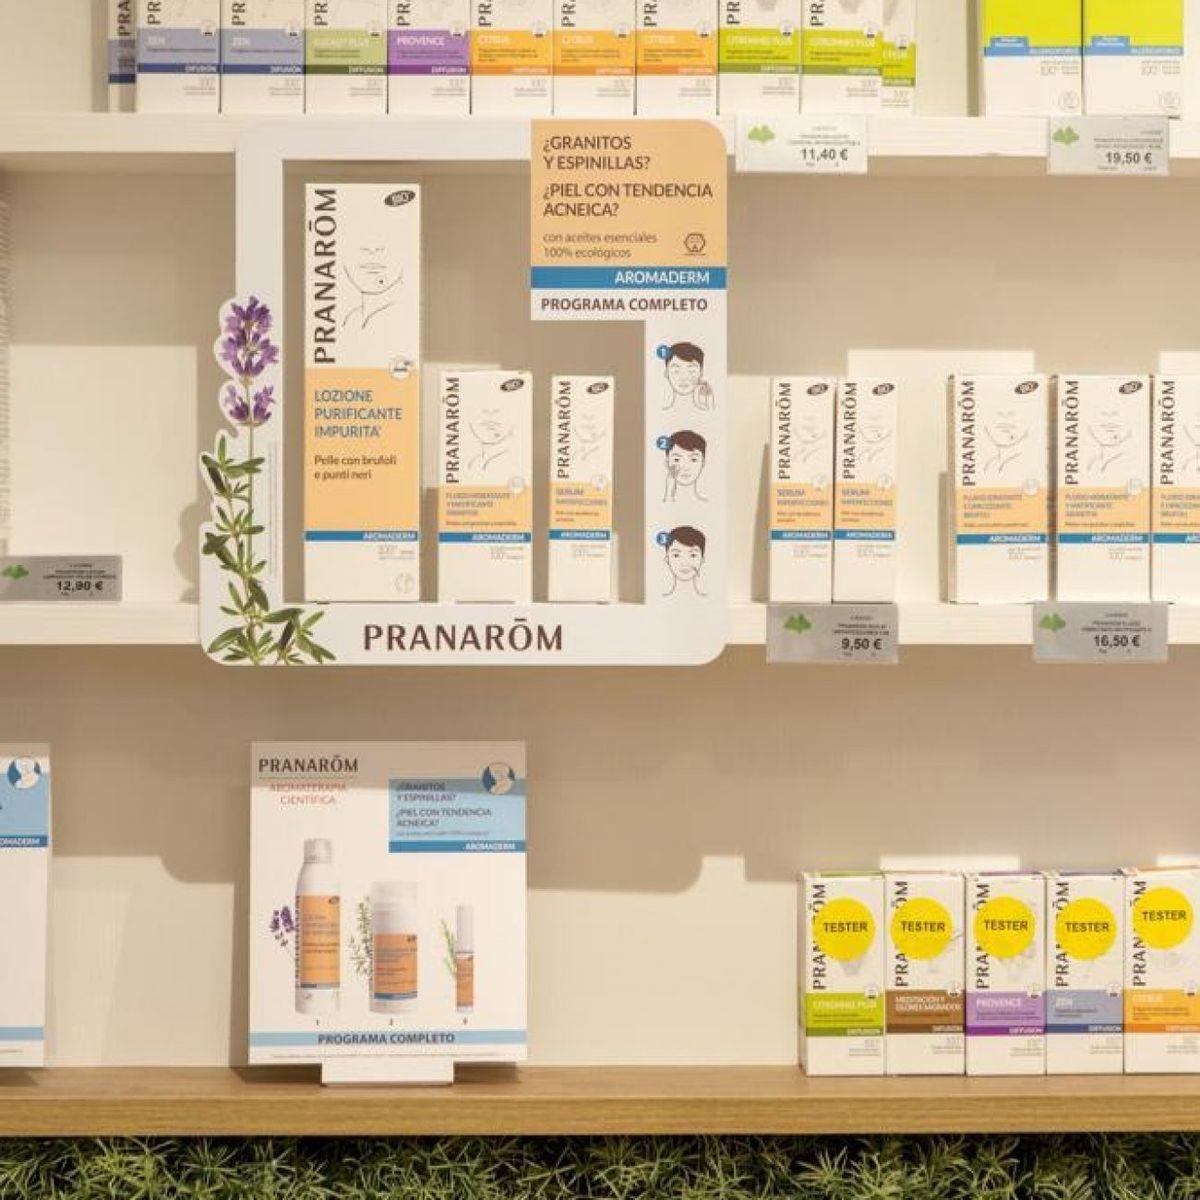 4337-farmacia-joseba-ruiz-golvano-04